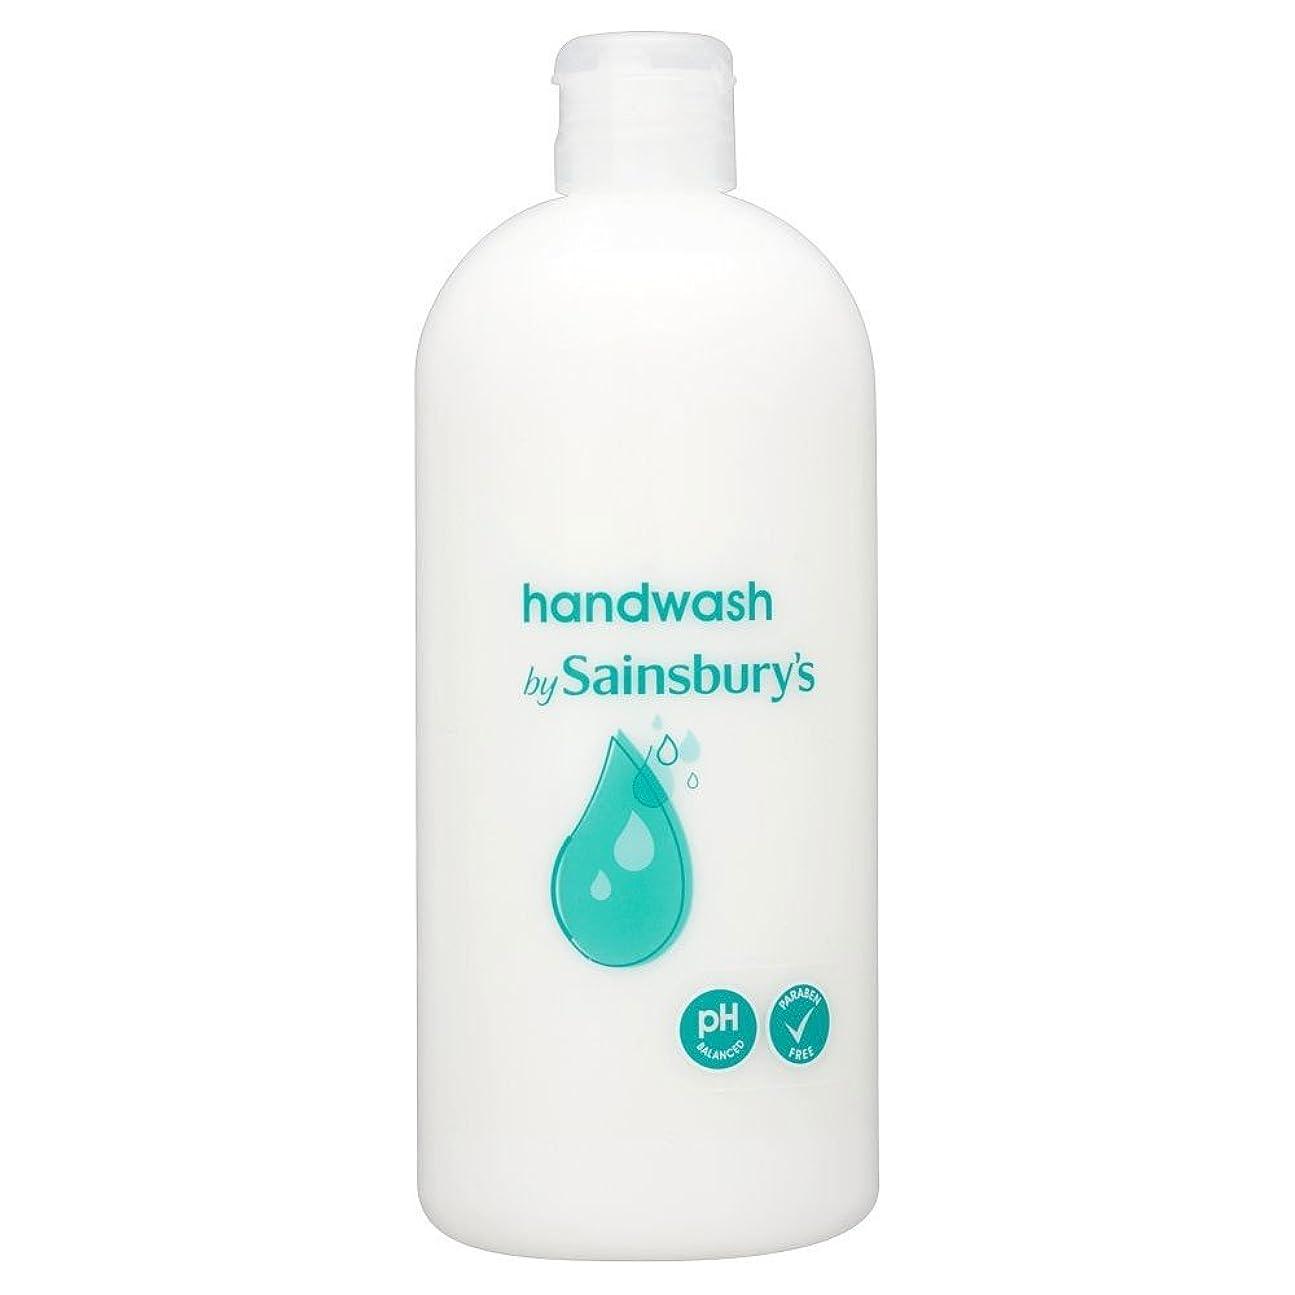 レコーダーヘビーステレオSainsbury's Handwash, White Refill 500ml (Pack of 2) - (Sainsbury's) 手洗い、白リフィル500ミリリットル (x2) [並行輸入品]